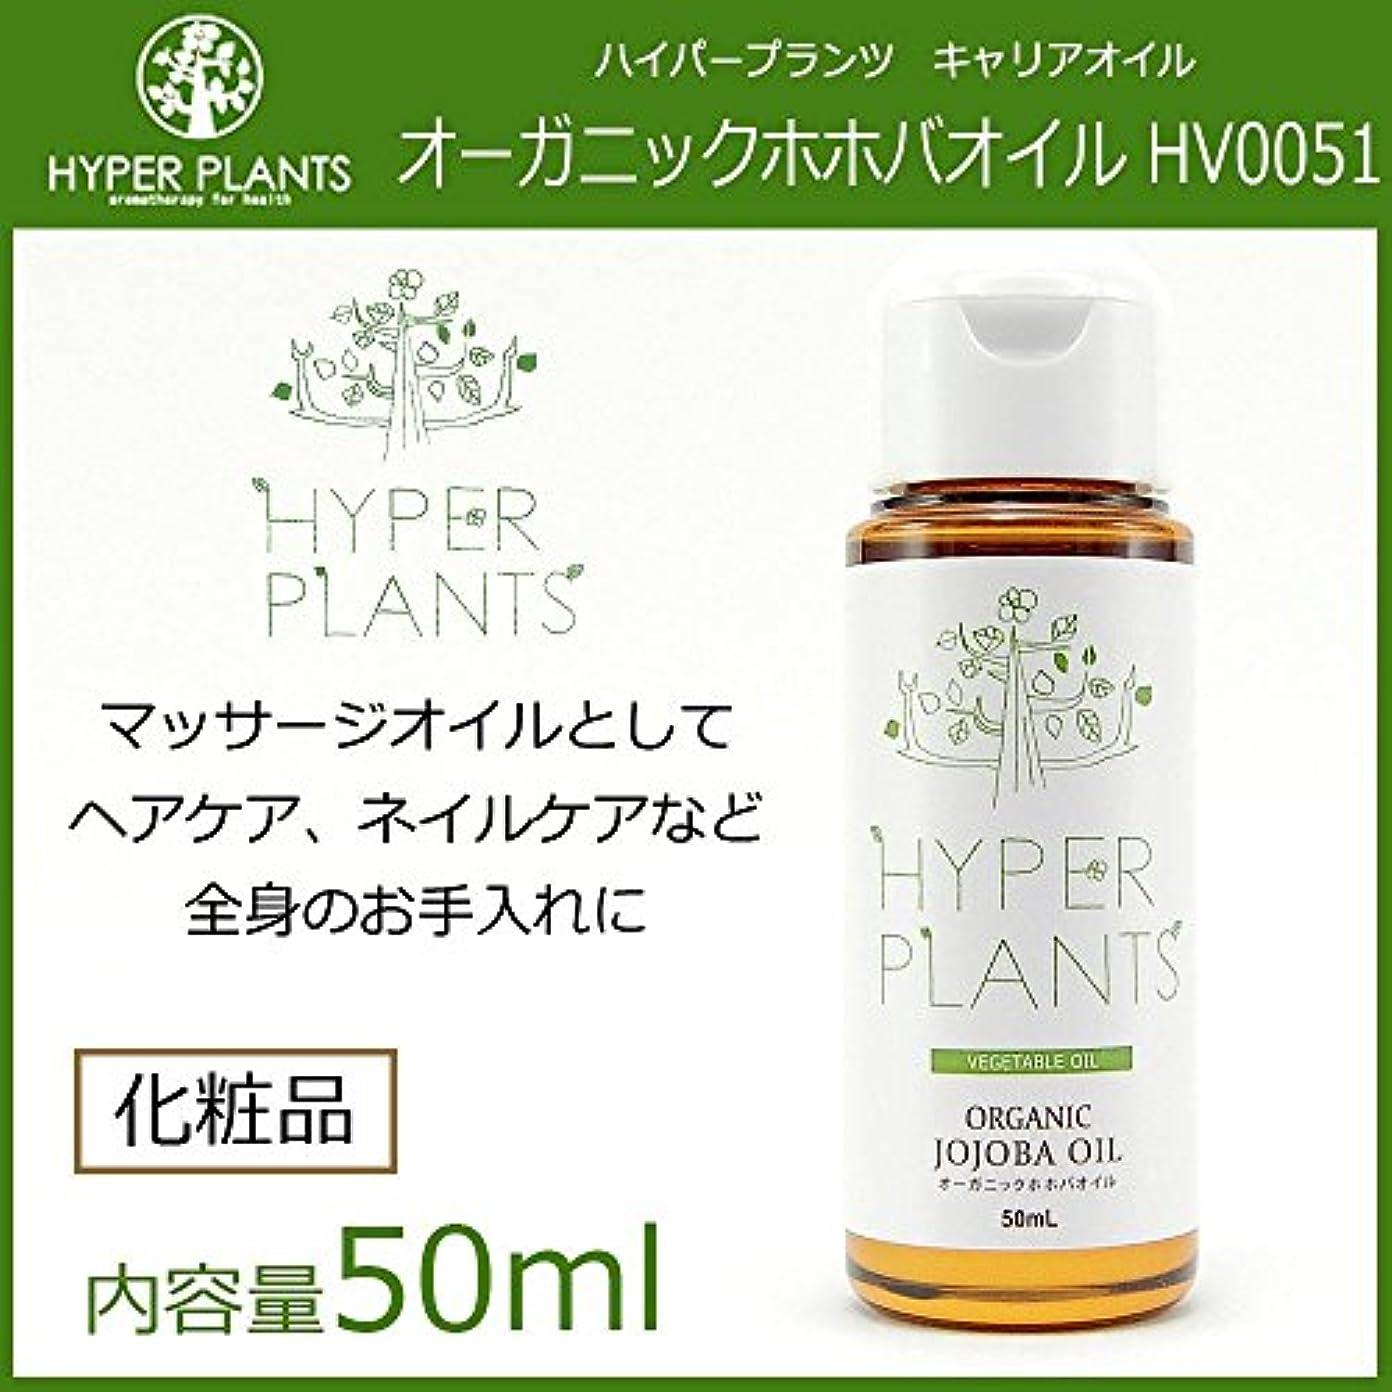 天井魅力的一目HYPER PLANTS ハイパープランツ キャリアオイル オーガニックホホバオイル 50ml HV0051